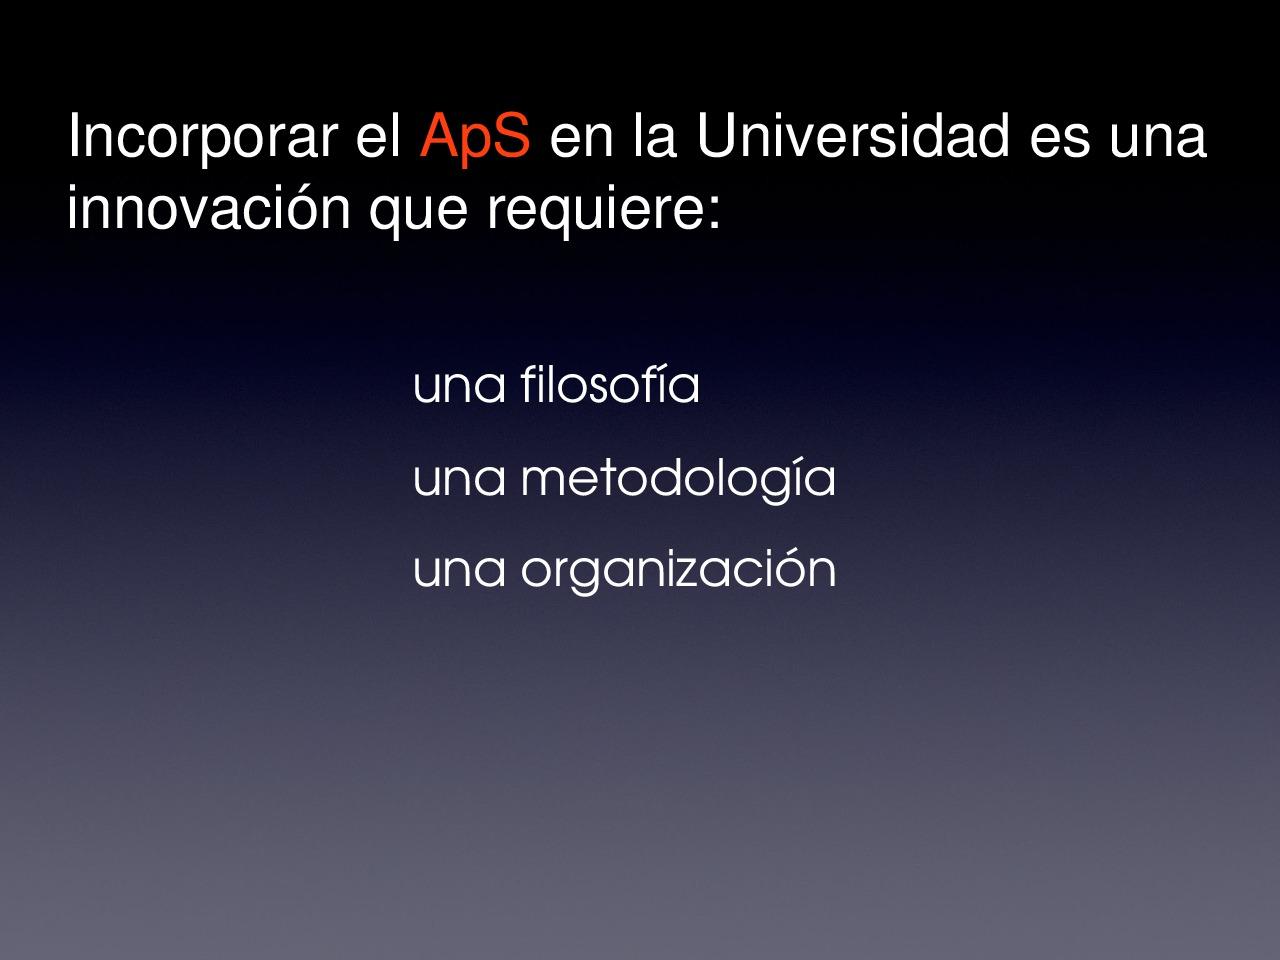 A Aps e a innovación na universidade: sentido e posibilidades